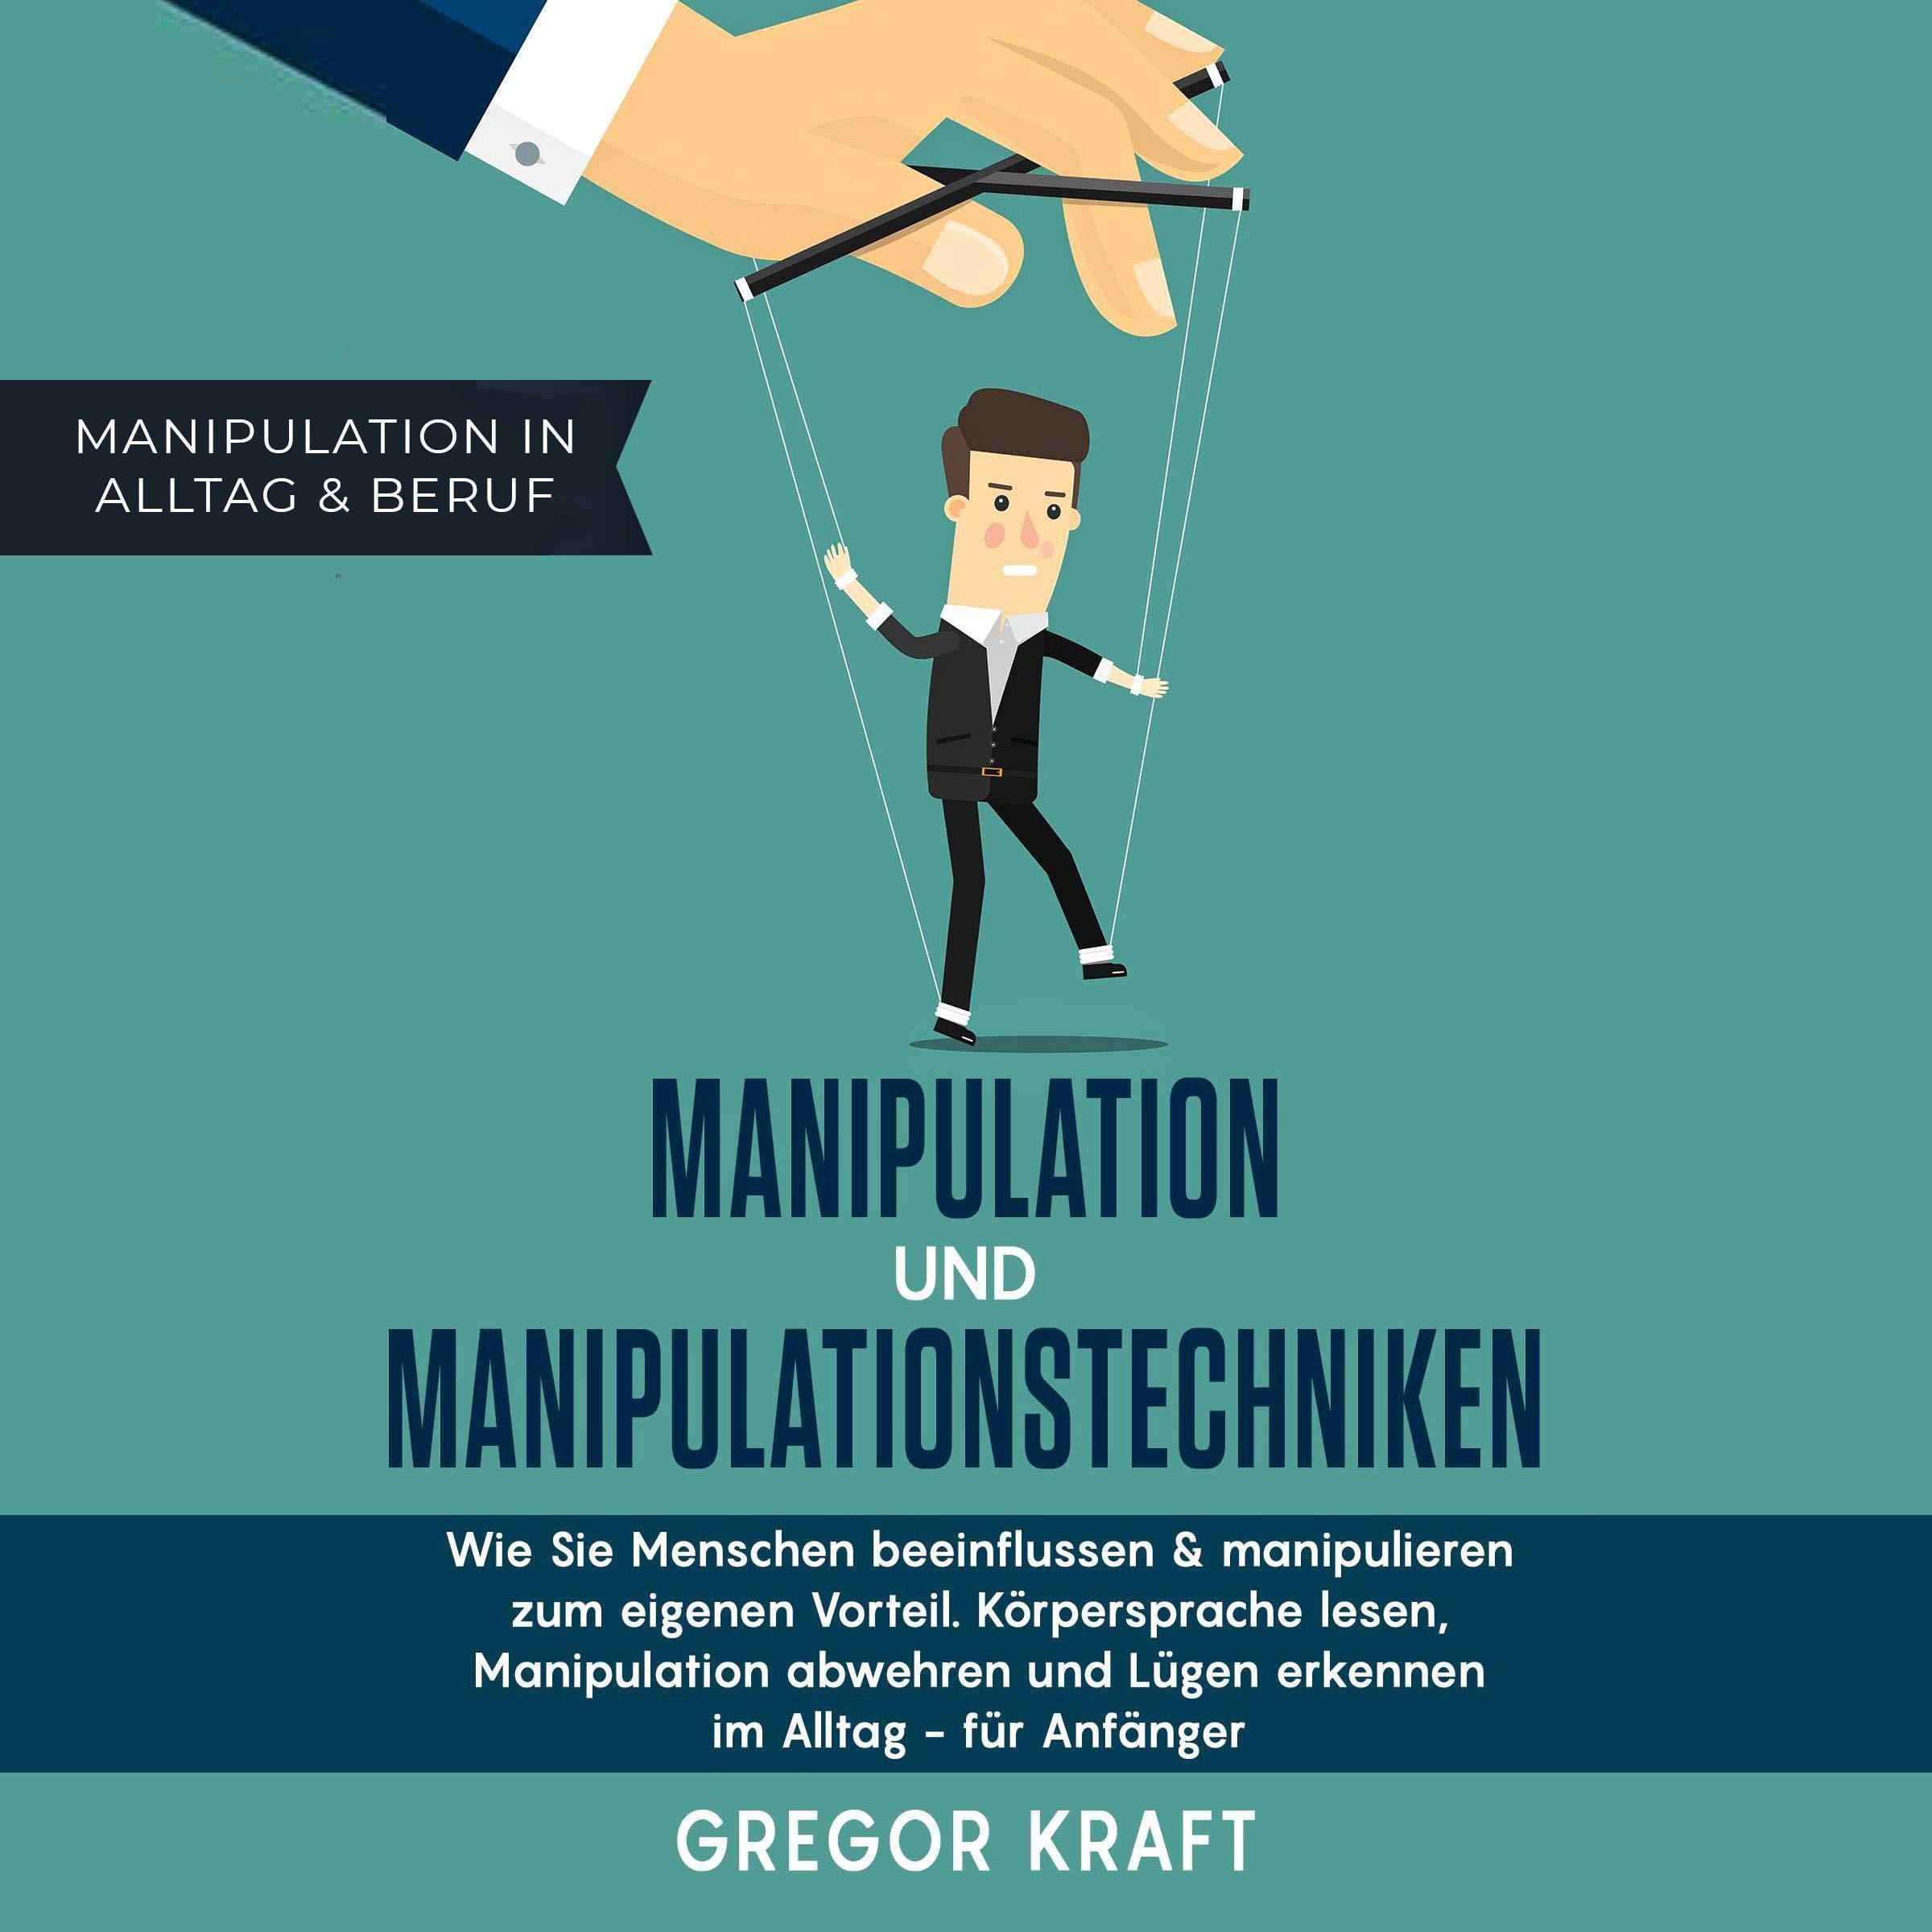 Manipulation Und Manipulationstechniken  Wie Sie Menschen Beeinflussen And Manipulieren Zum Eigenen Vorteil. Körpersprache Lesen Manipulation Abwehren Und ... Im Alltag   Für Anfänger